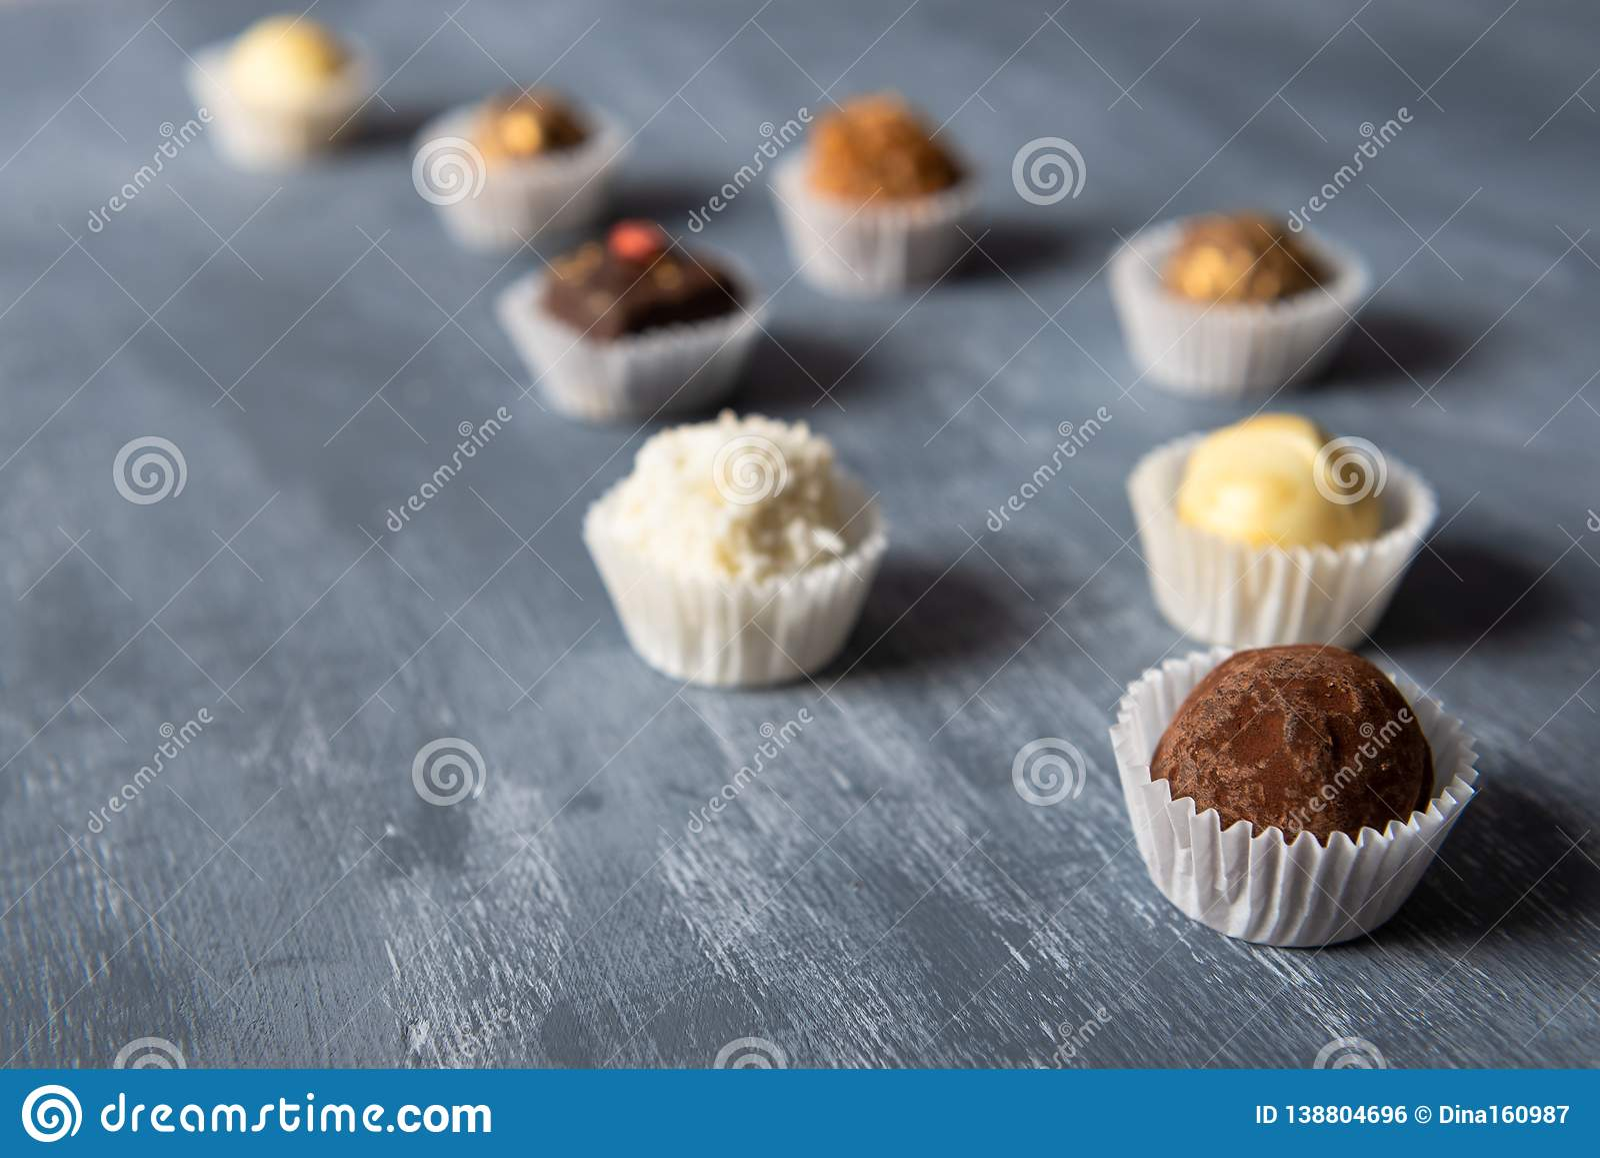 Zusammenstellung von feinen Pralinen, von Weiß, von Dunkelheit und von Milchschokolade auf grauem Hintergrund Bonbons Hintergrund